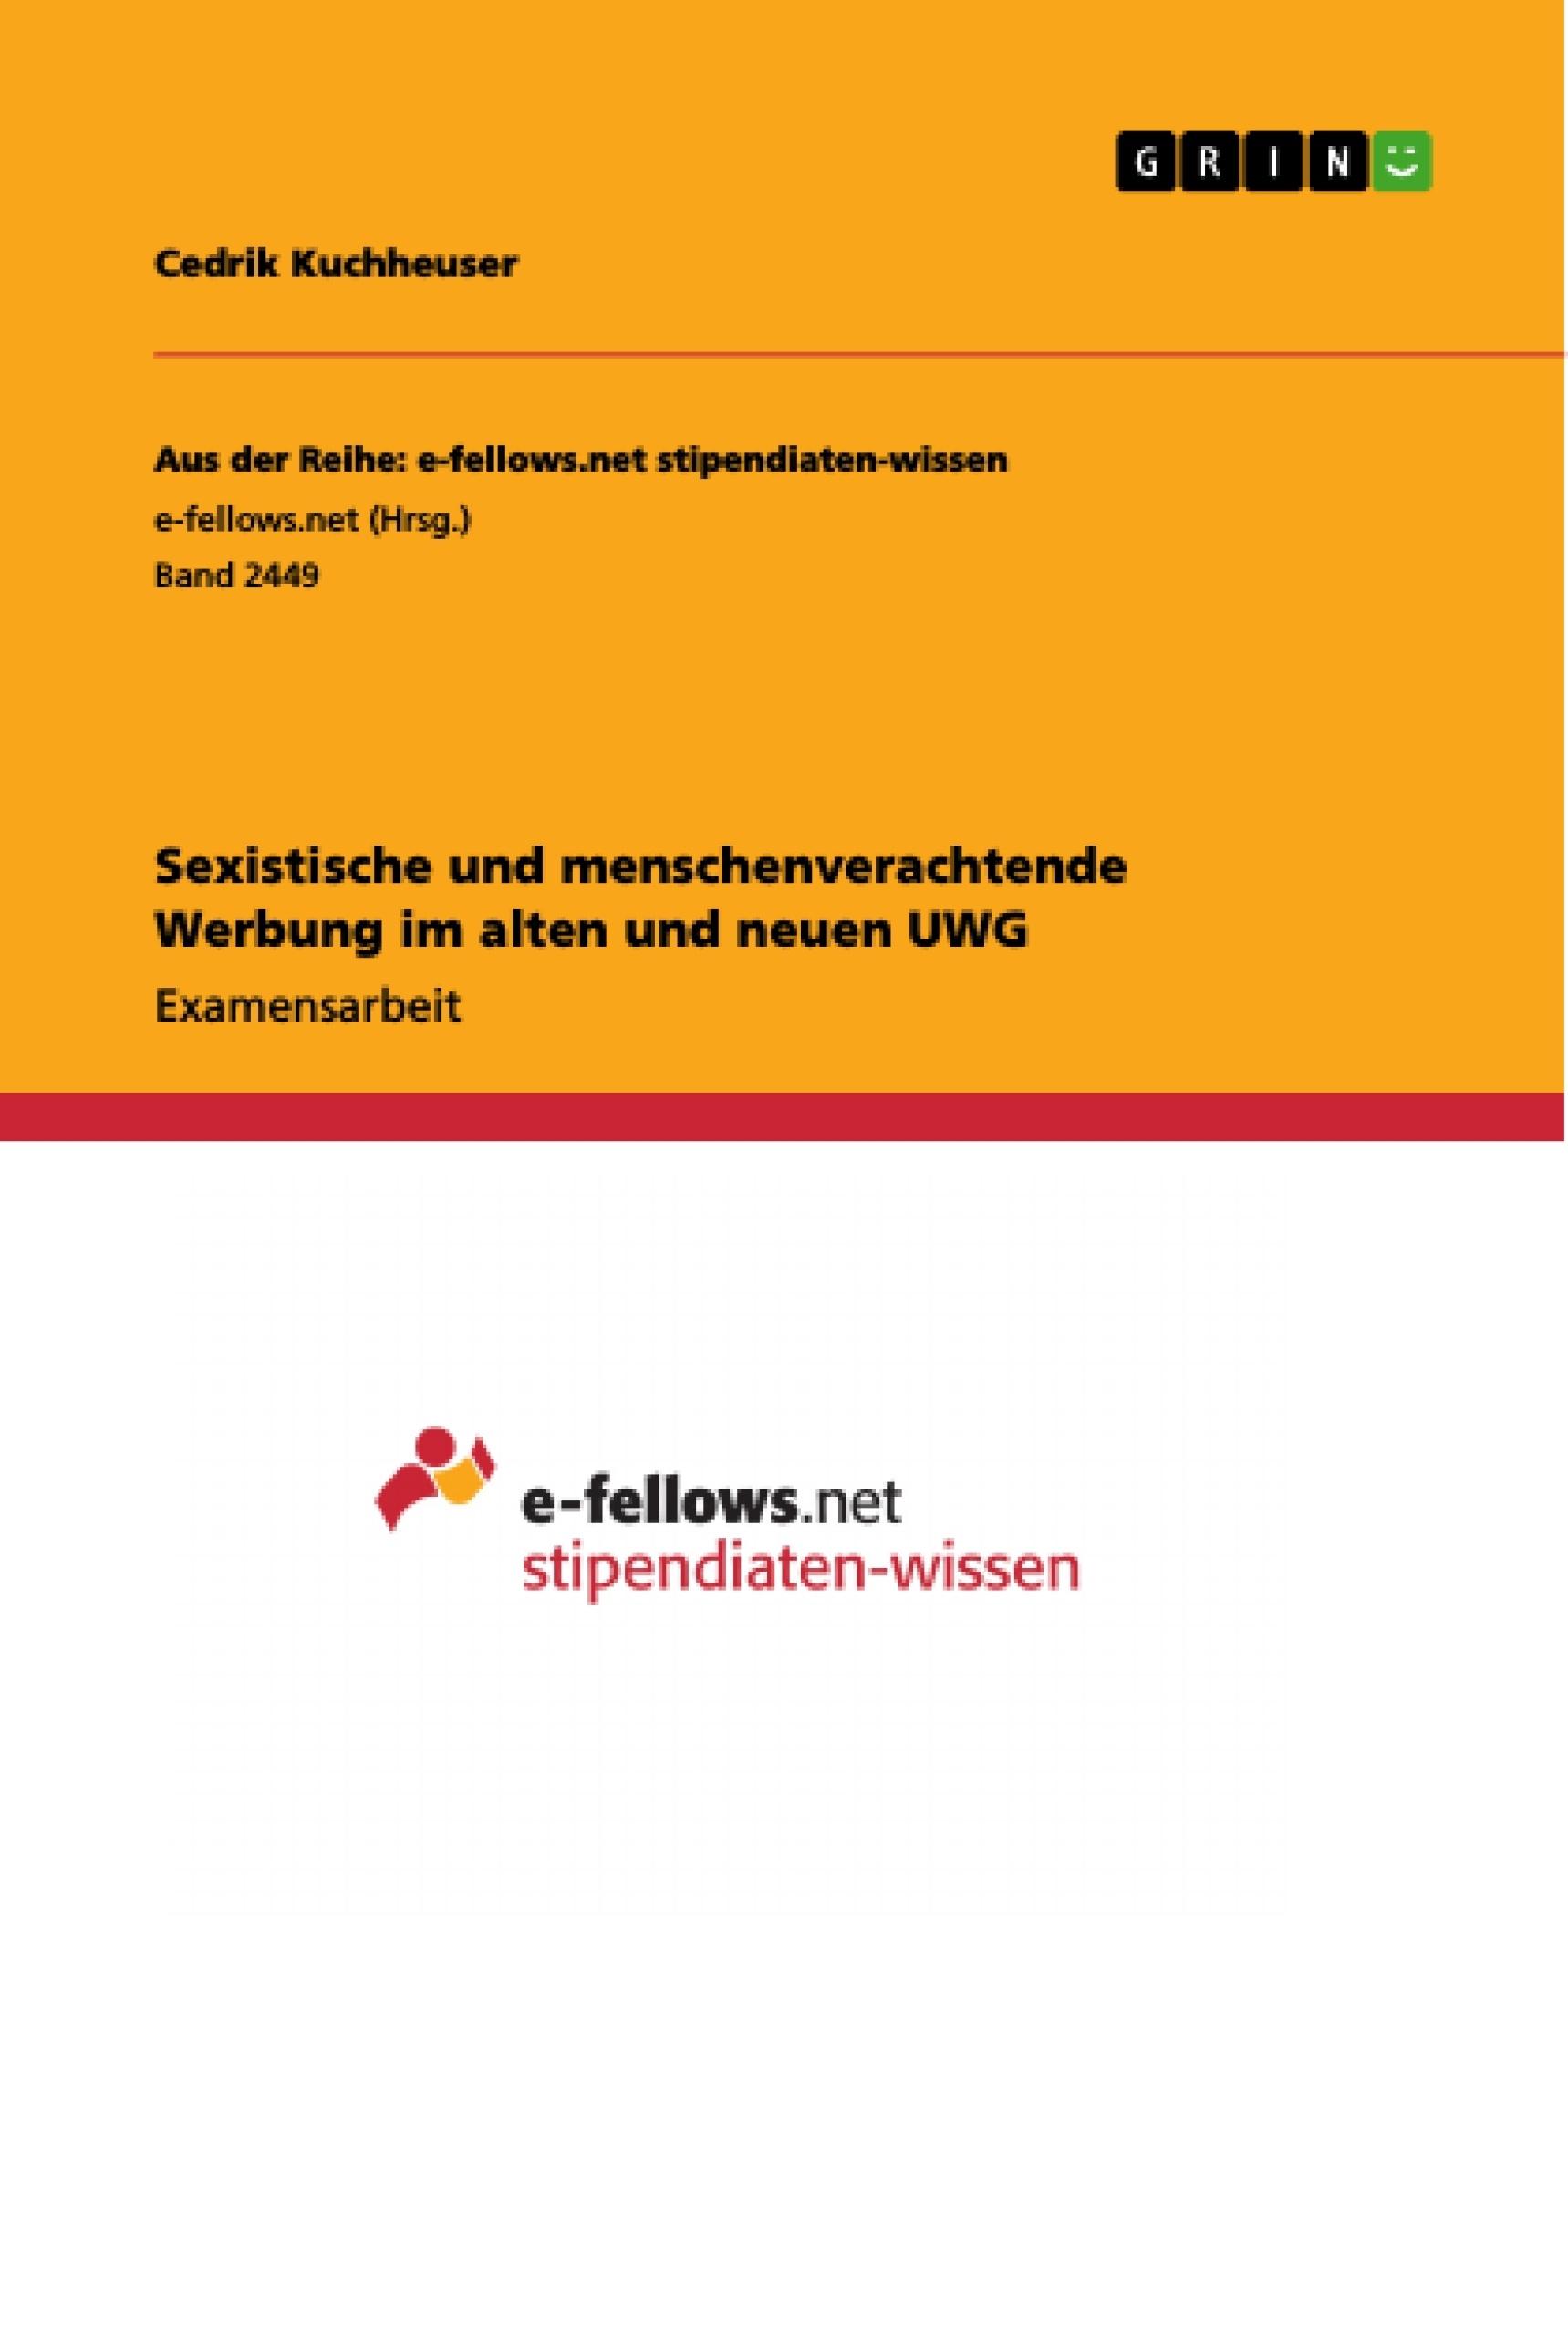 Titel: Sexistische und menschenverachtende Werbung im alten und neuen UWG